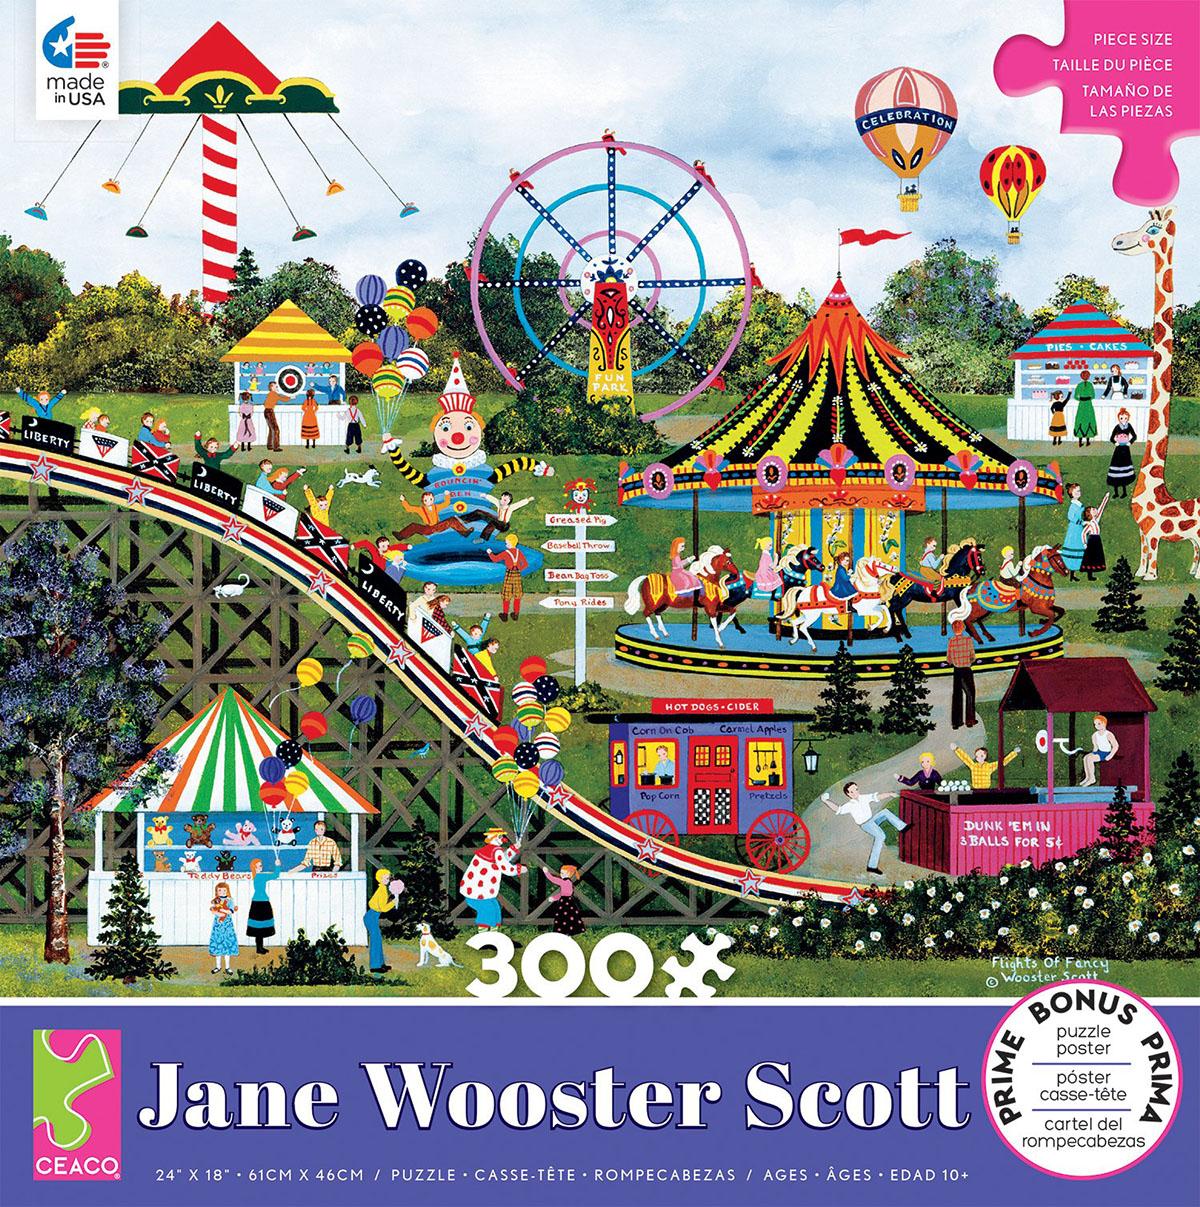 Flights of Fancy (Jane Wooster Scott) Americana & Folk Art Jigsaw Puzzle